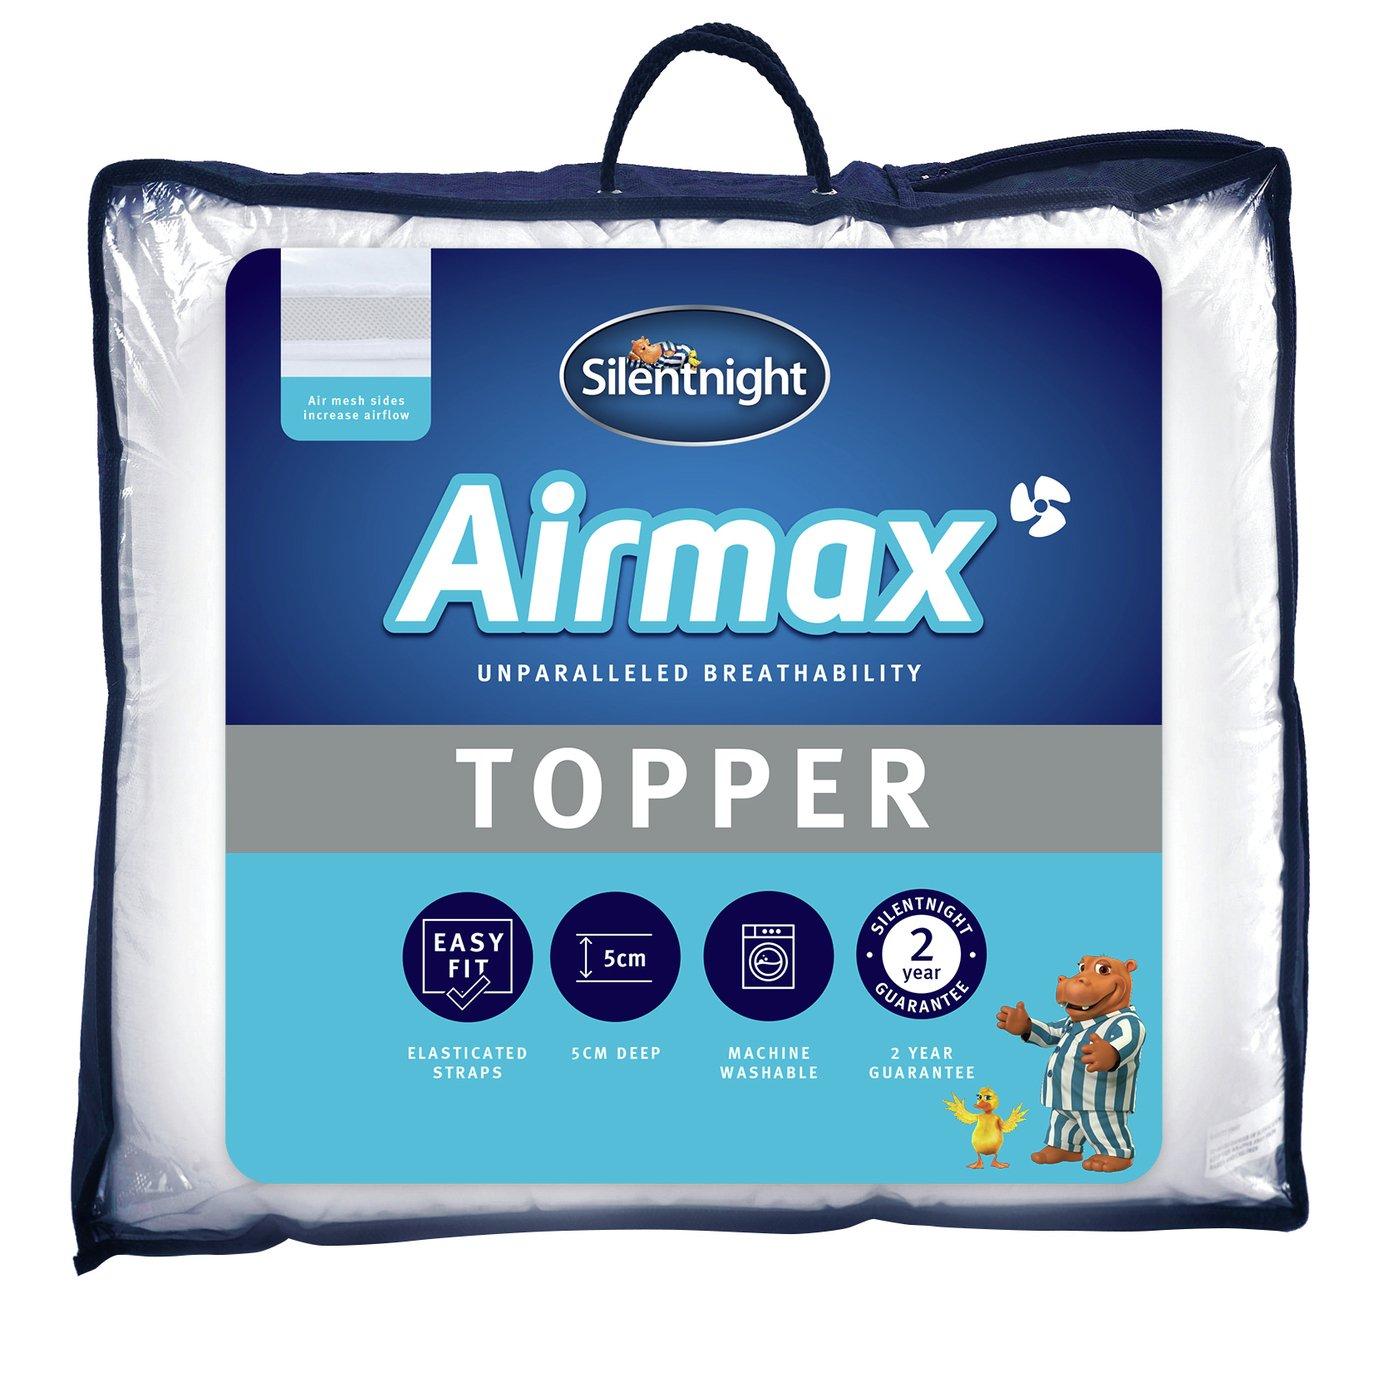 Silentnight Airmax Mattress Topper - Kingsize